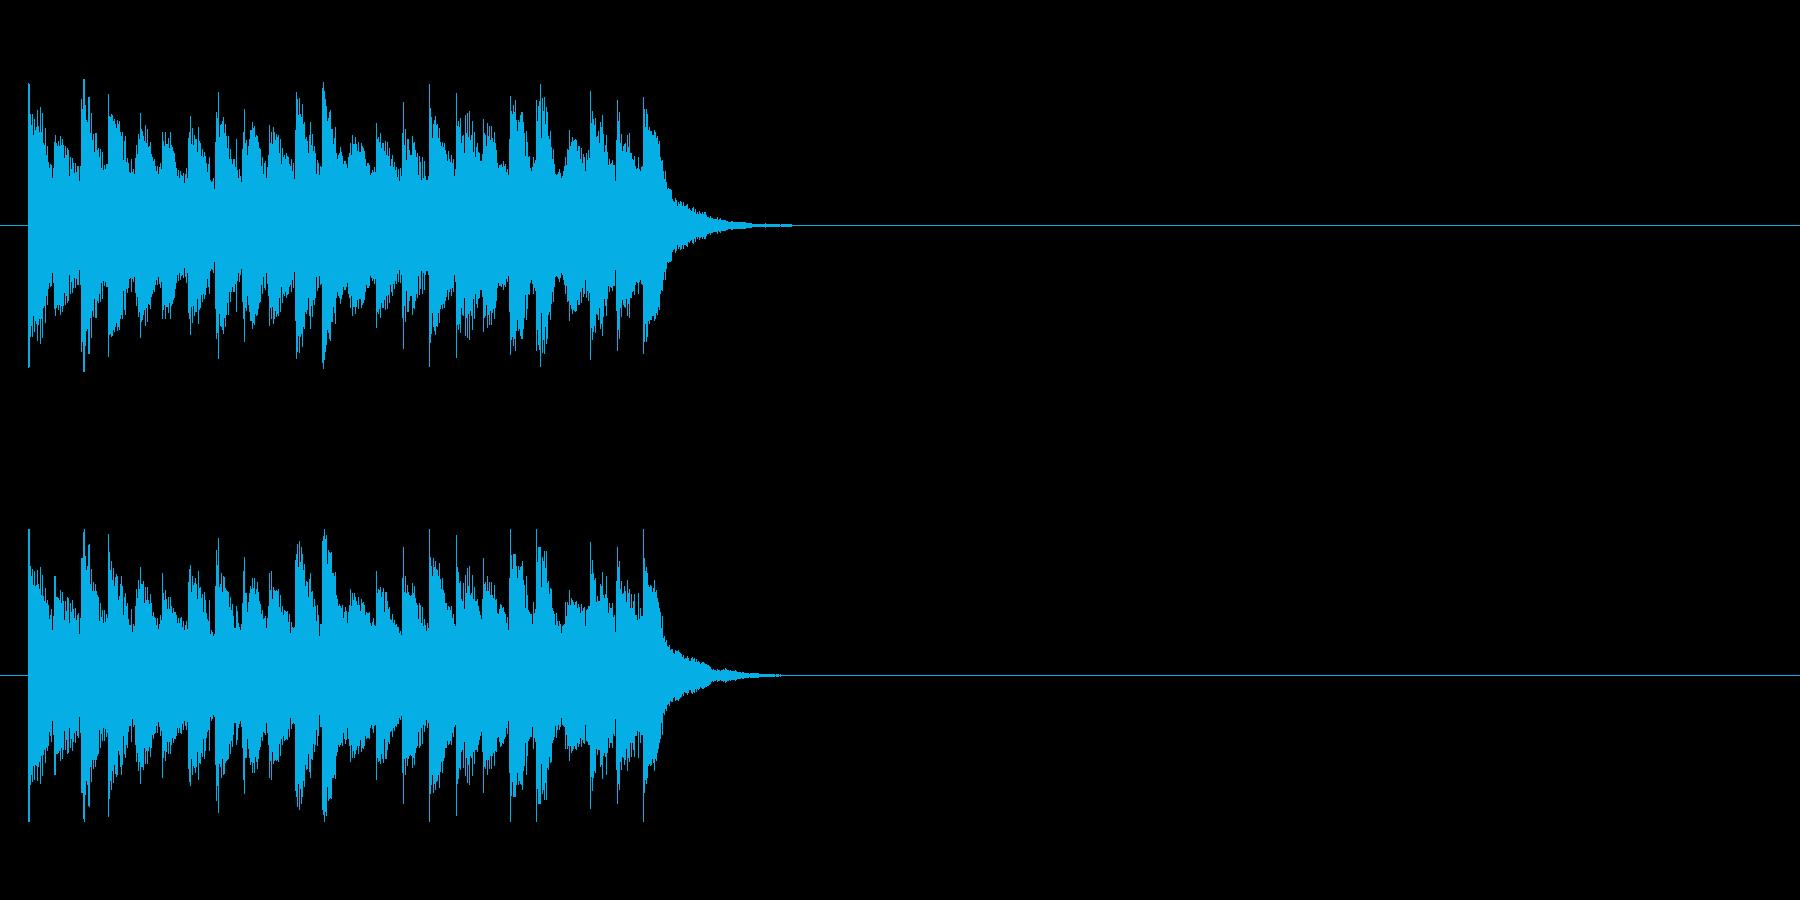 不思議 あやしい けだるい 科学 実験の再生済みの波形